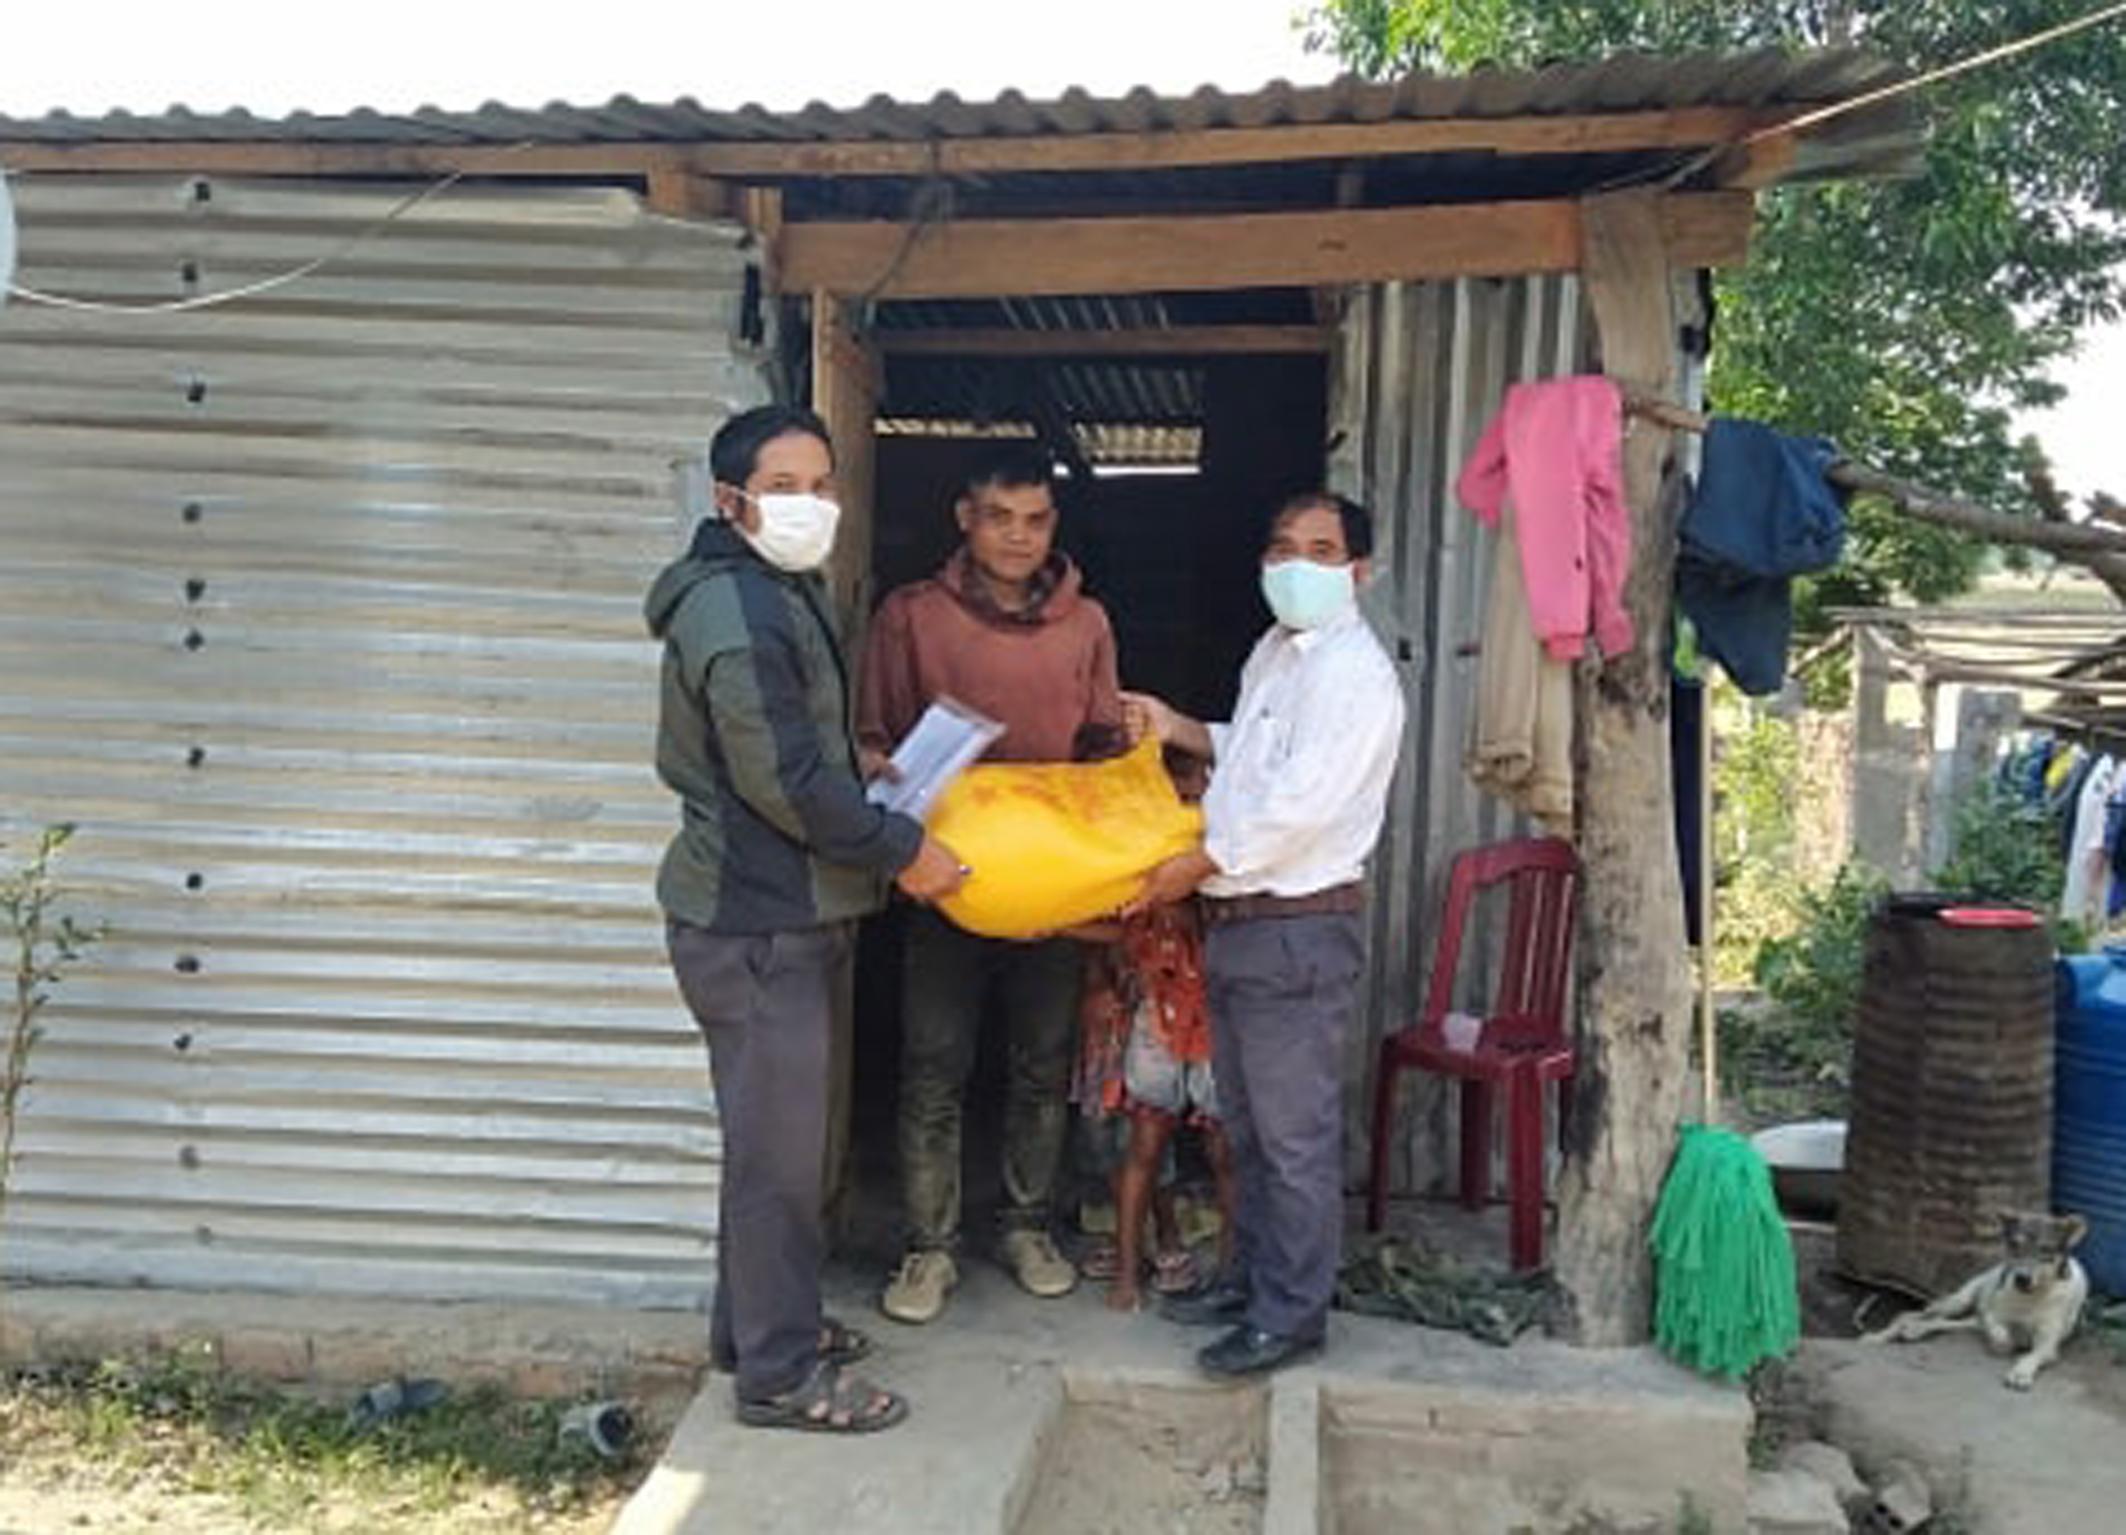 Hỗ trợ gạo cho người dân gặp khó khăn do dịch bệnh Covid - 19